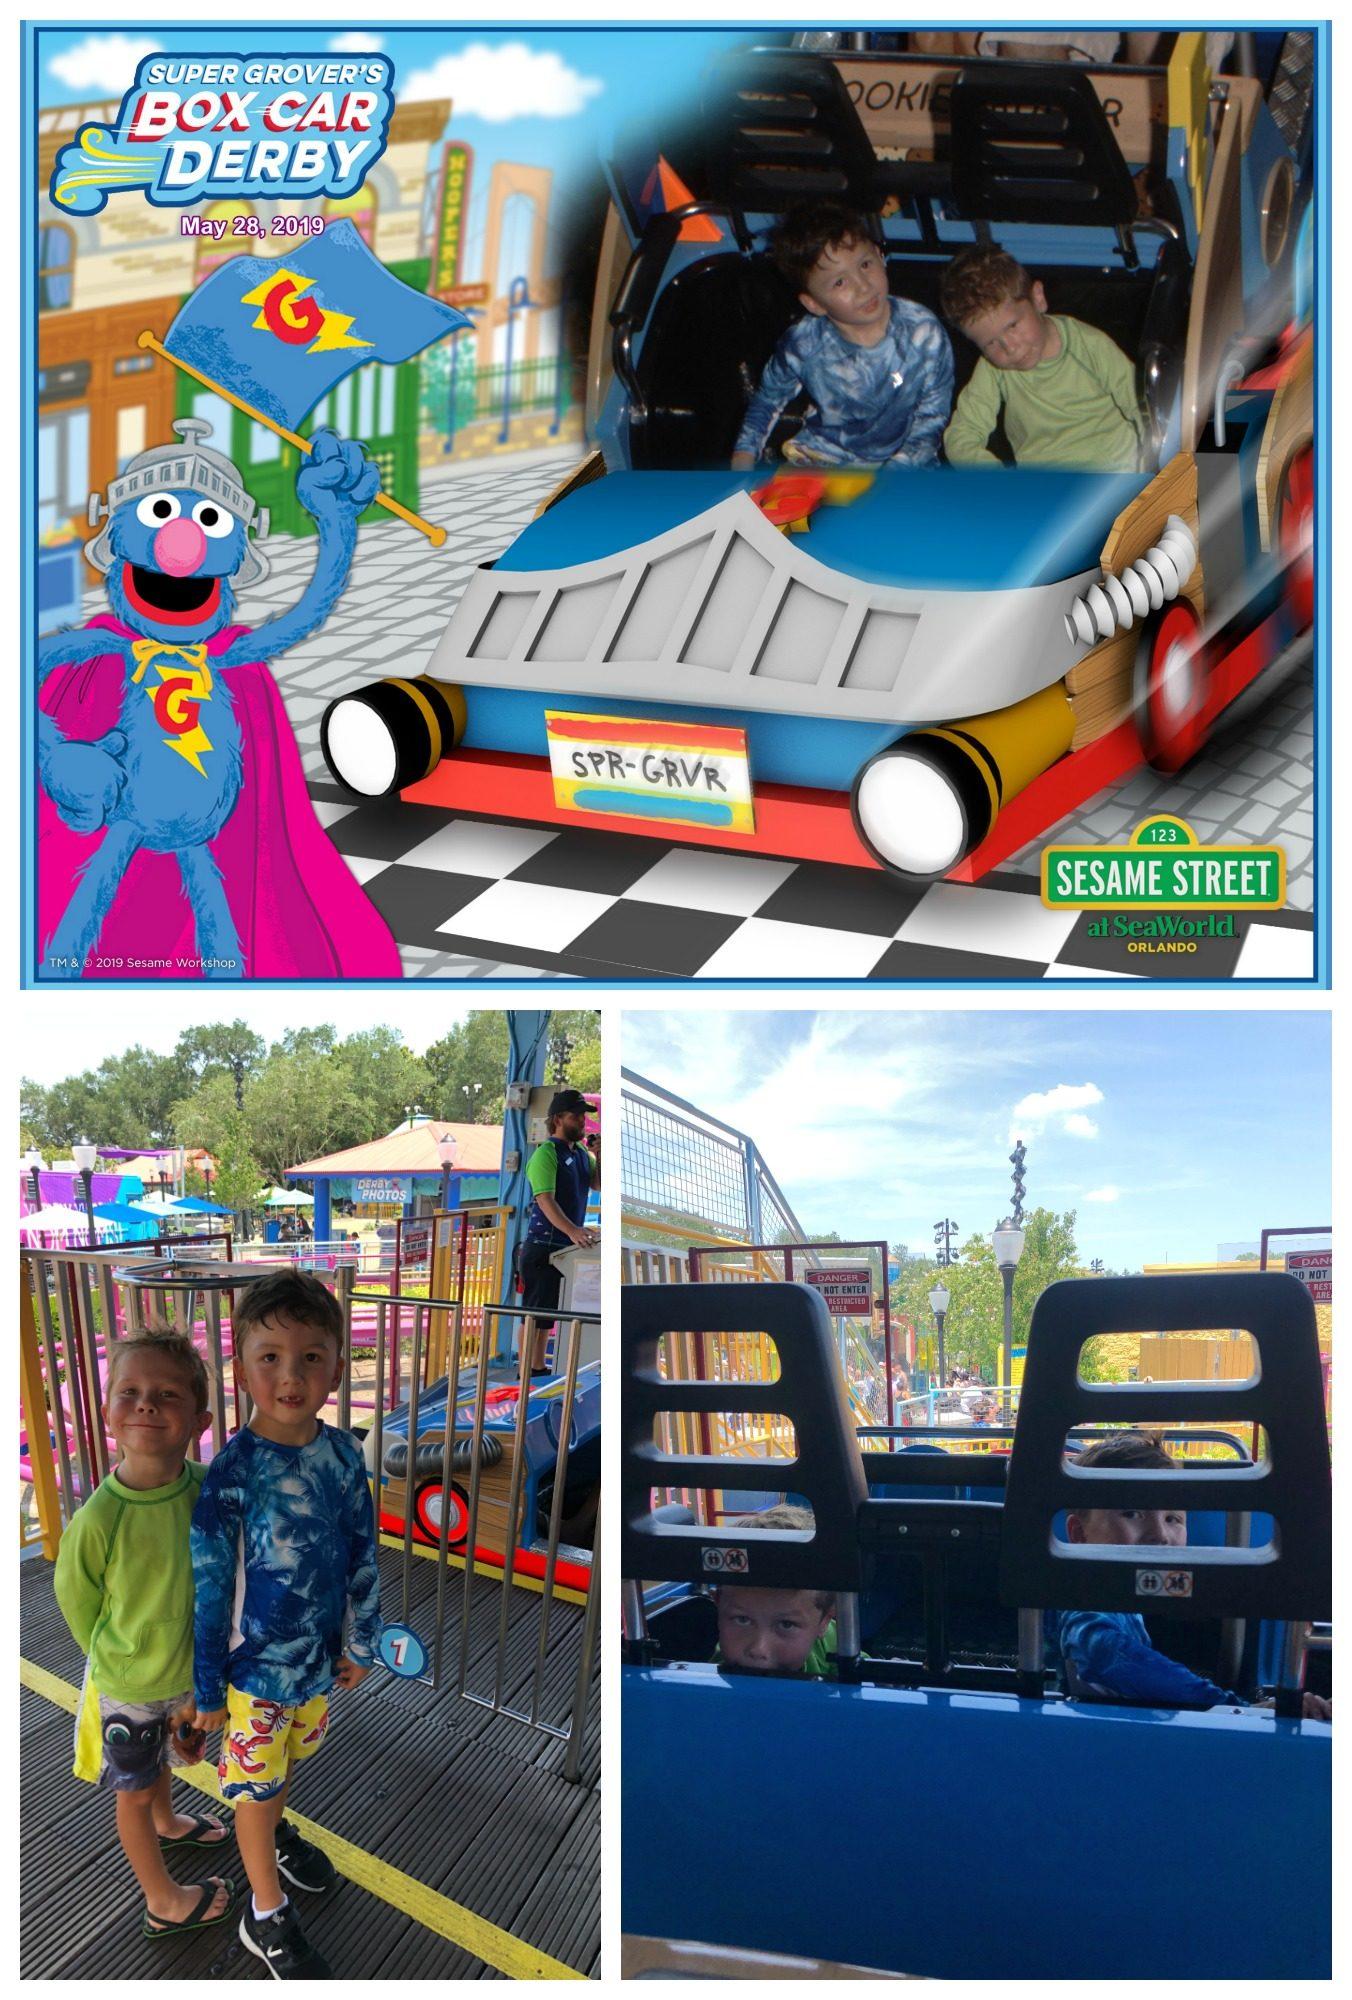 Super Grover's Box Car Derby